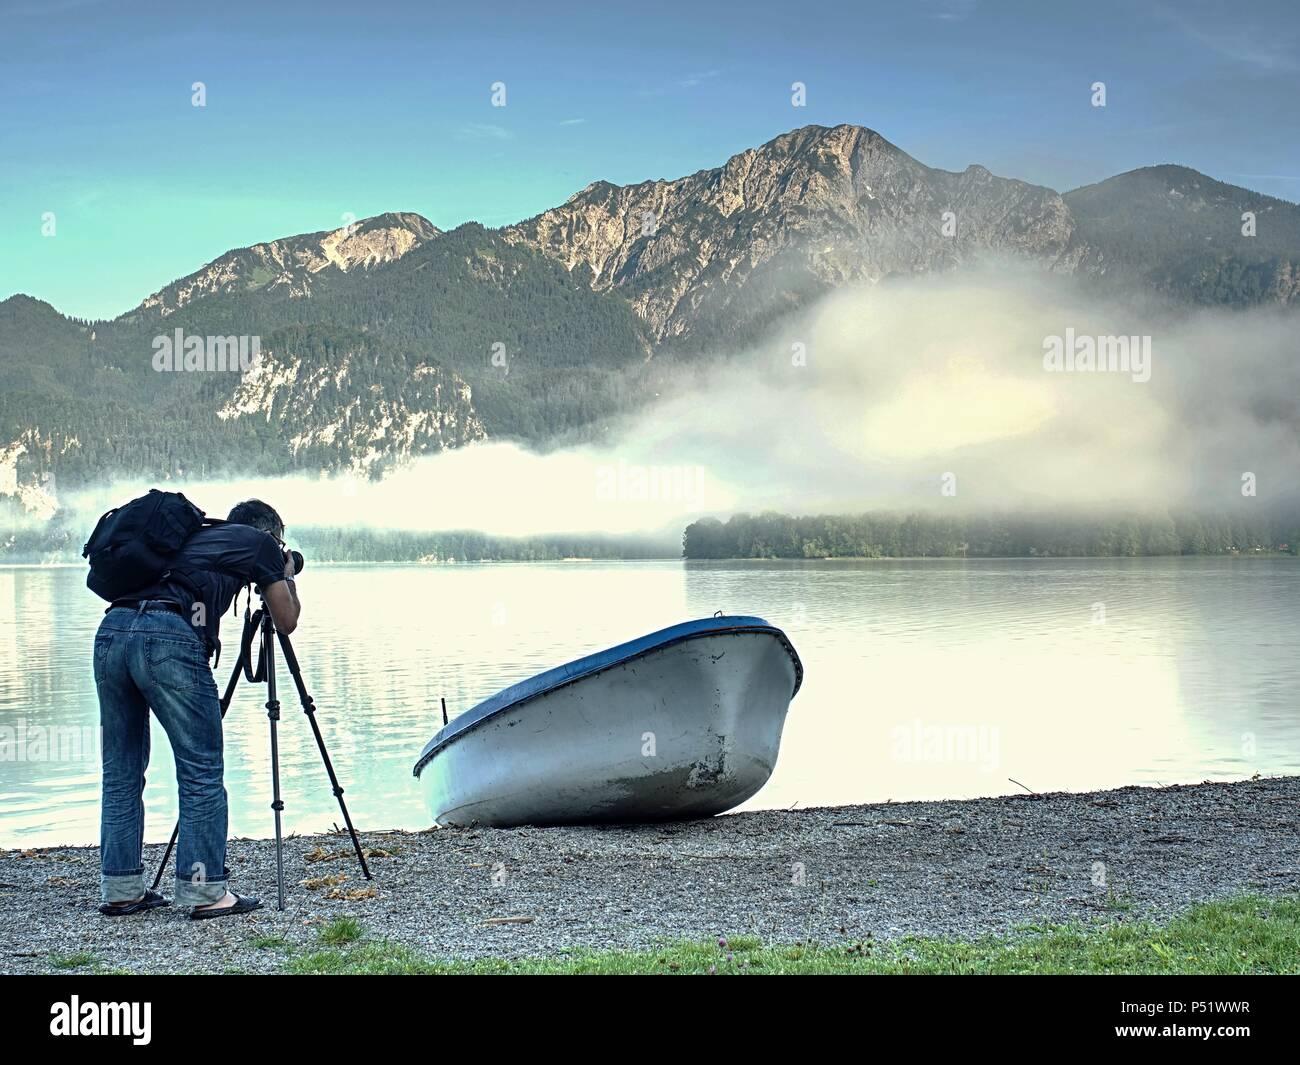 Fotografo con occhio al mirino è tenuto foto del lago con le montagne delle Alpi in background. Opere dell'artista. Immagini Stock